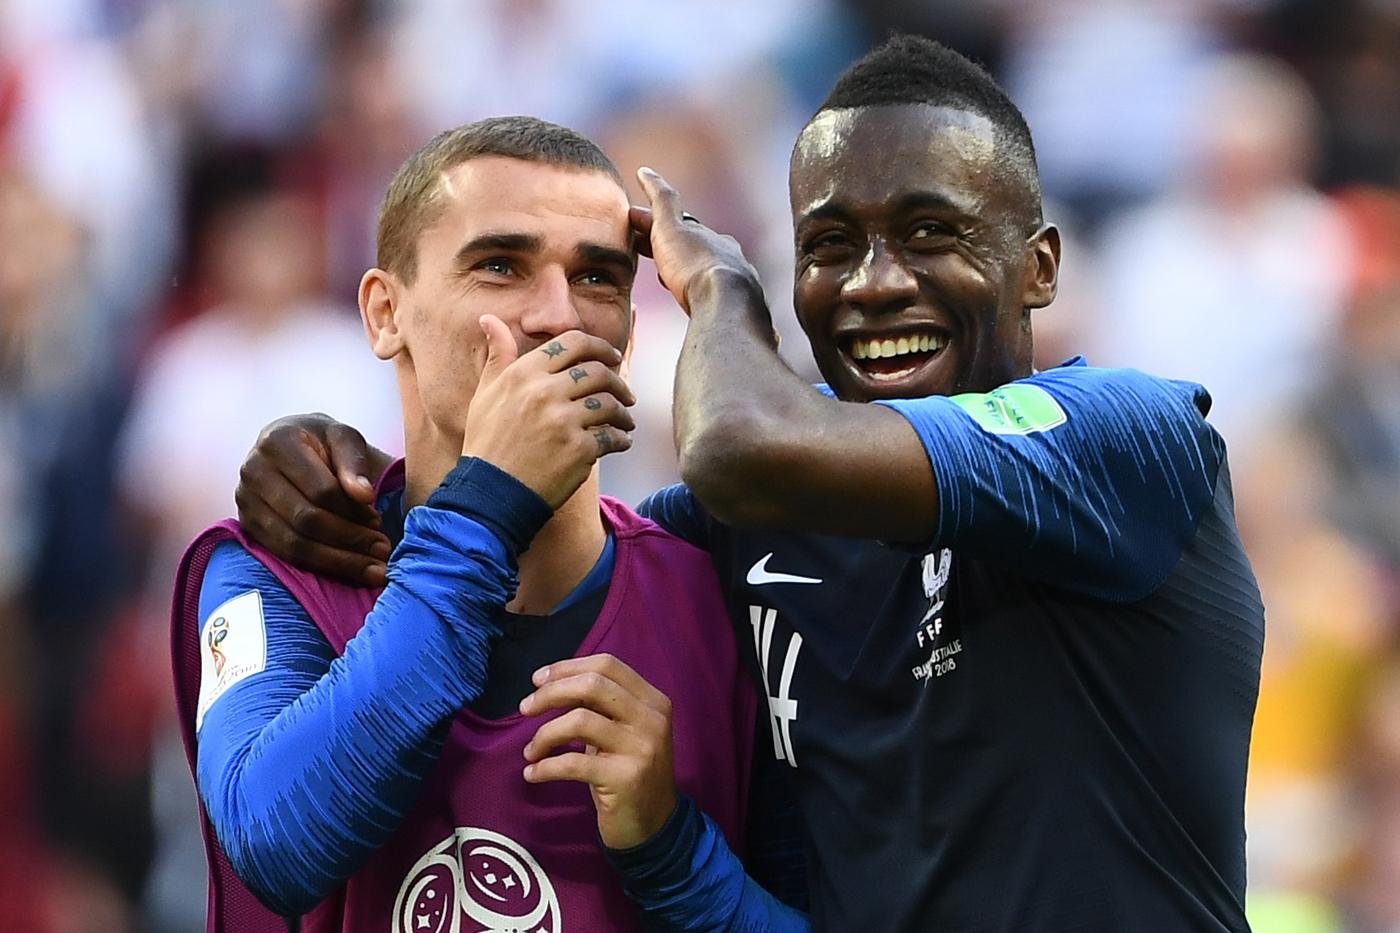 Francia-Perù 21 giugno, analisi e pronostico Mondiali Russia 2018 girone C